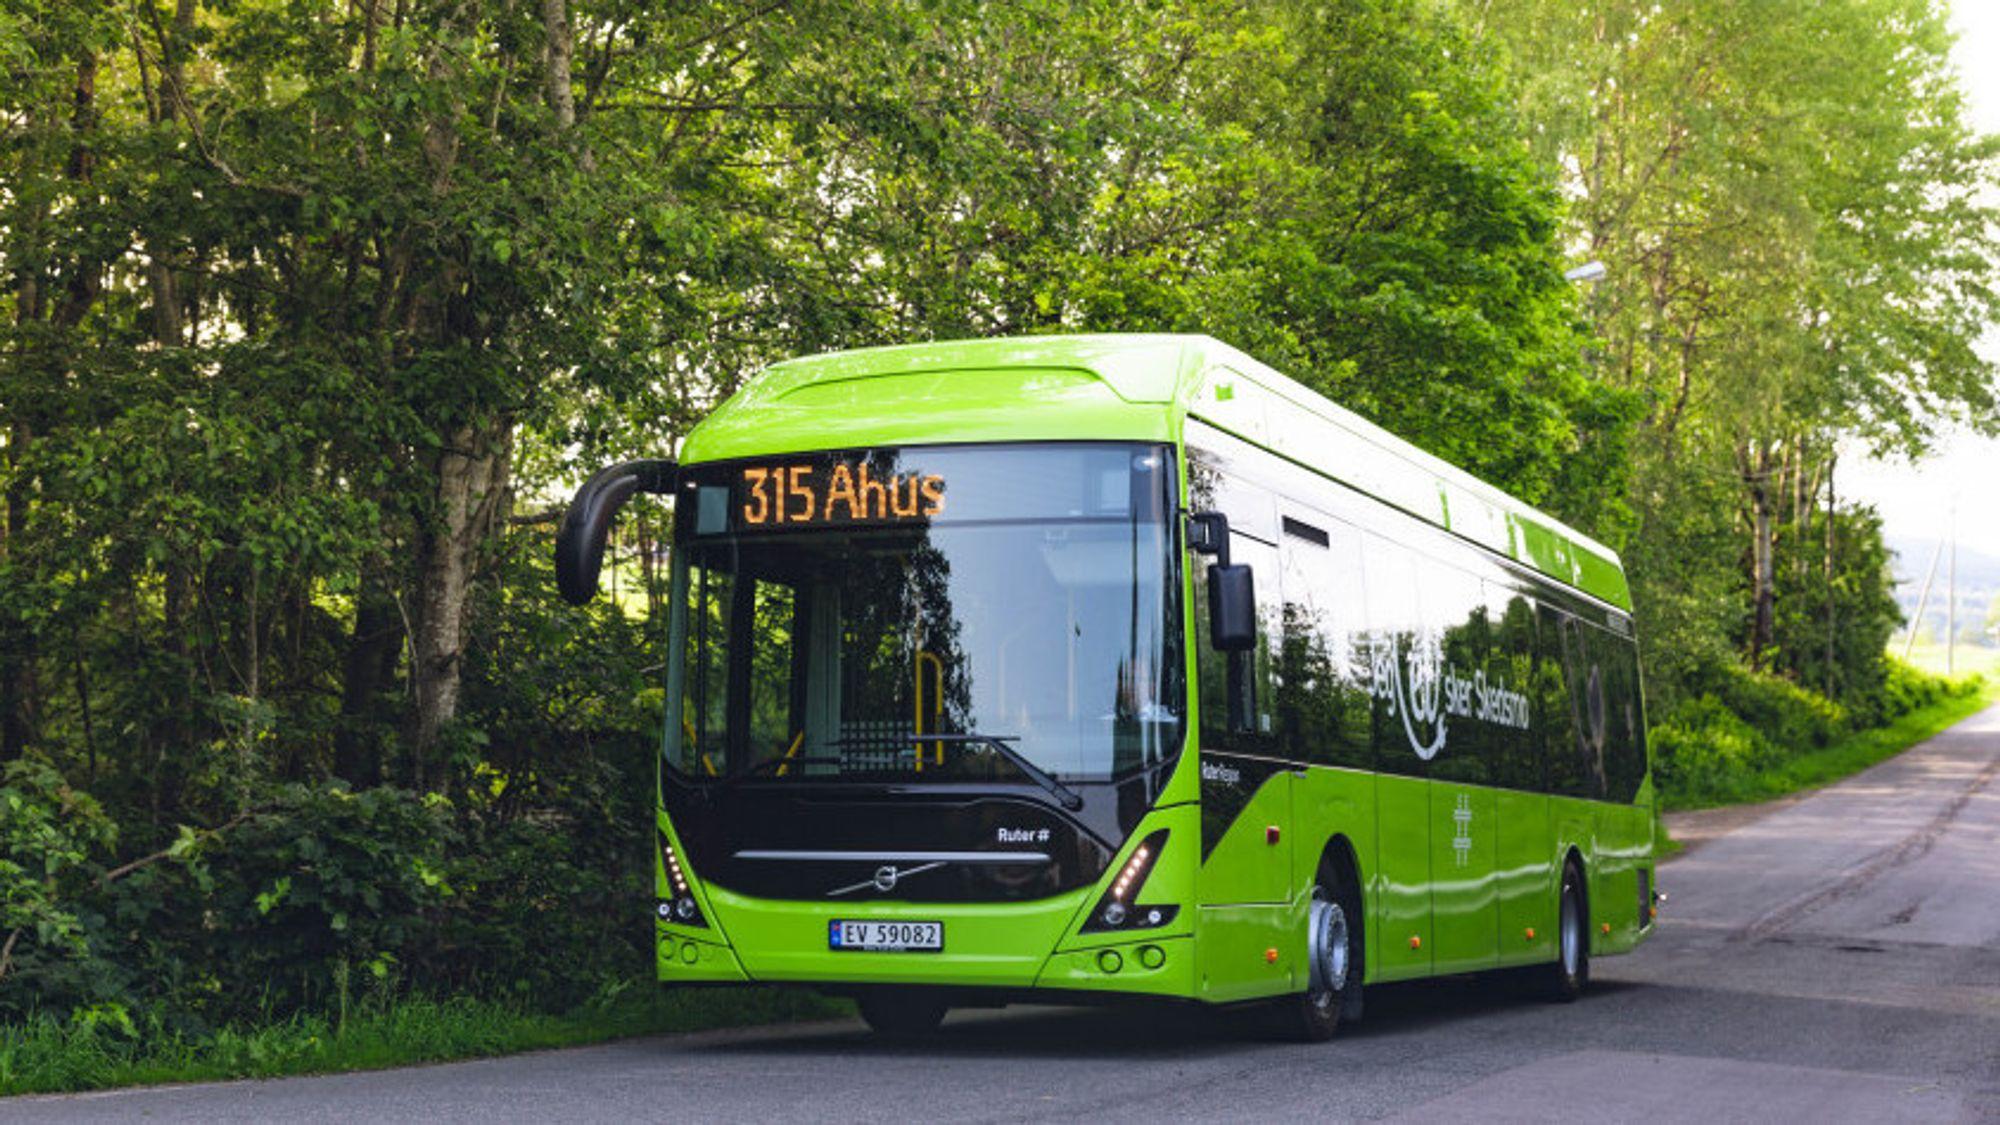 Få andre gjør som Ruter, og går helt bort fra diesel i bussparken. Søndag introduserte Ruter 463 nye busser uten utslipp av klimagasser.